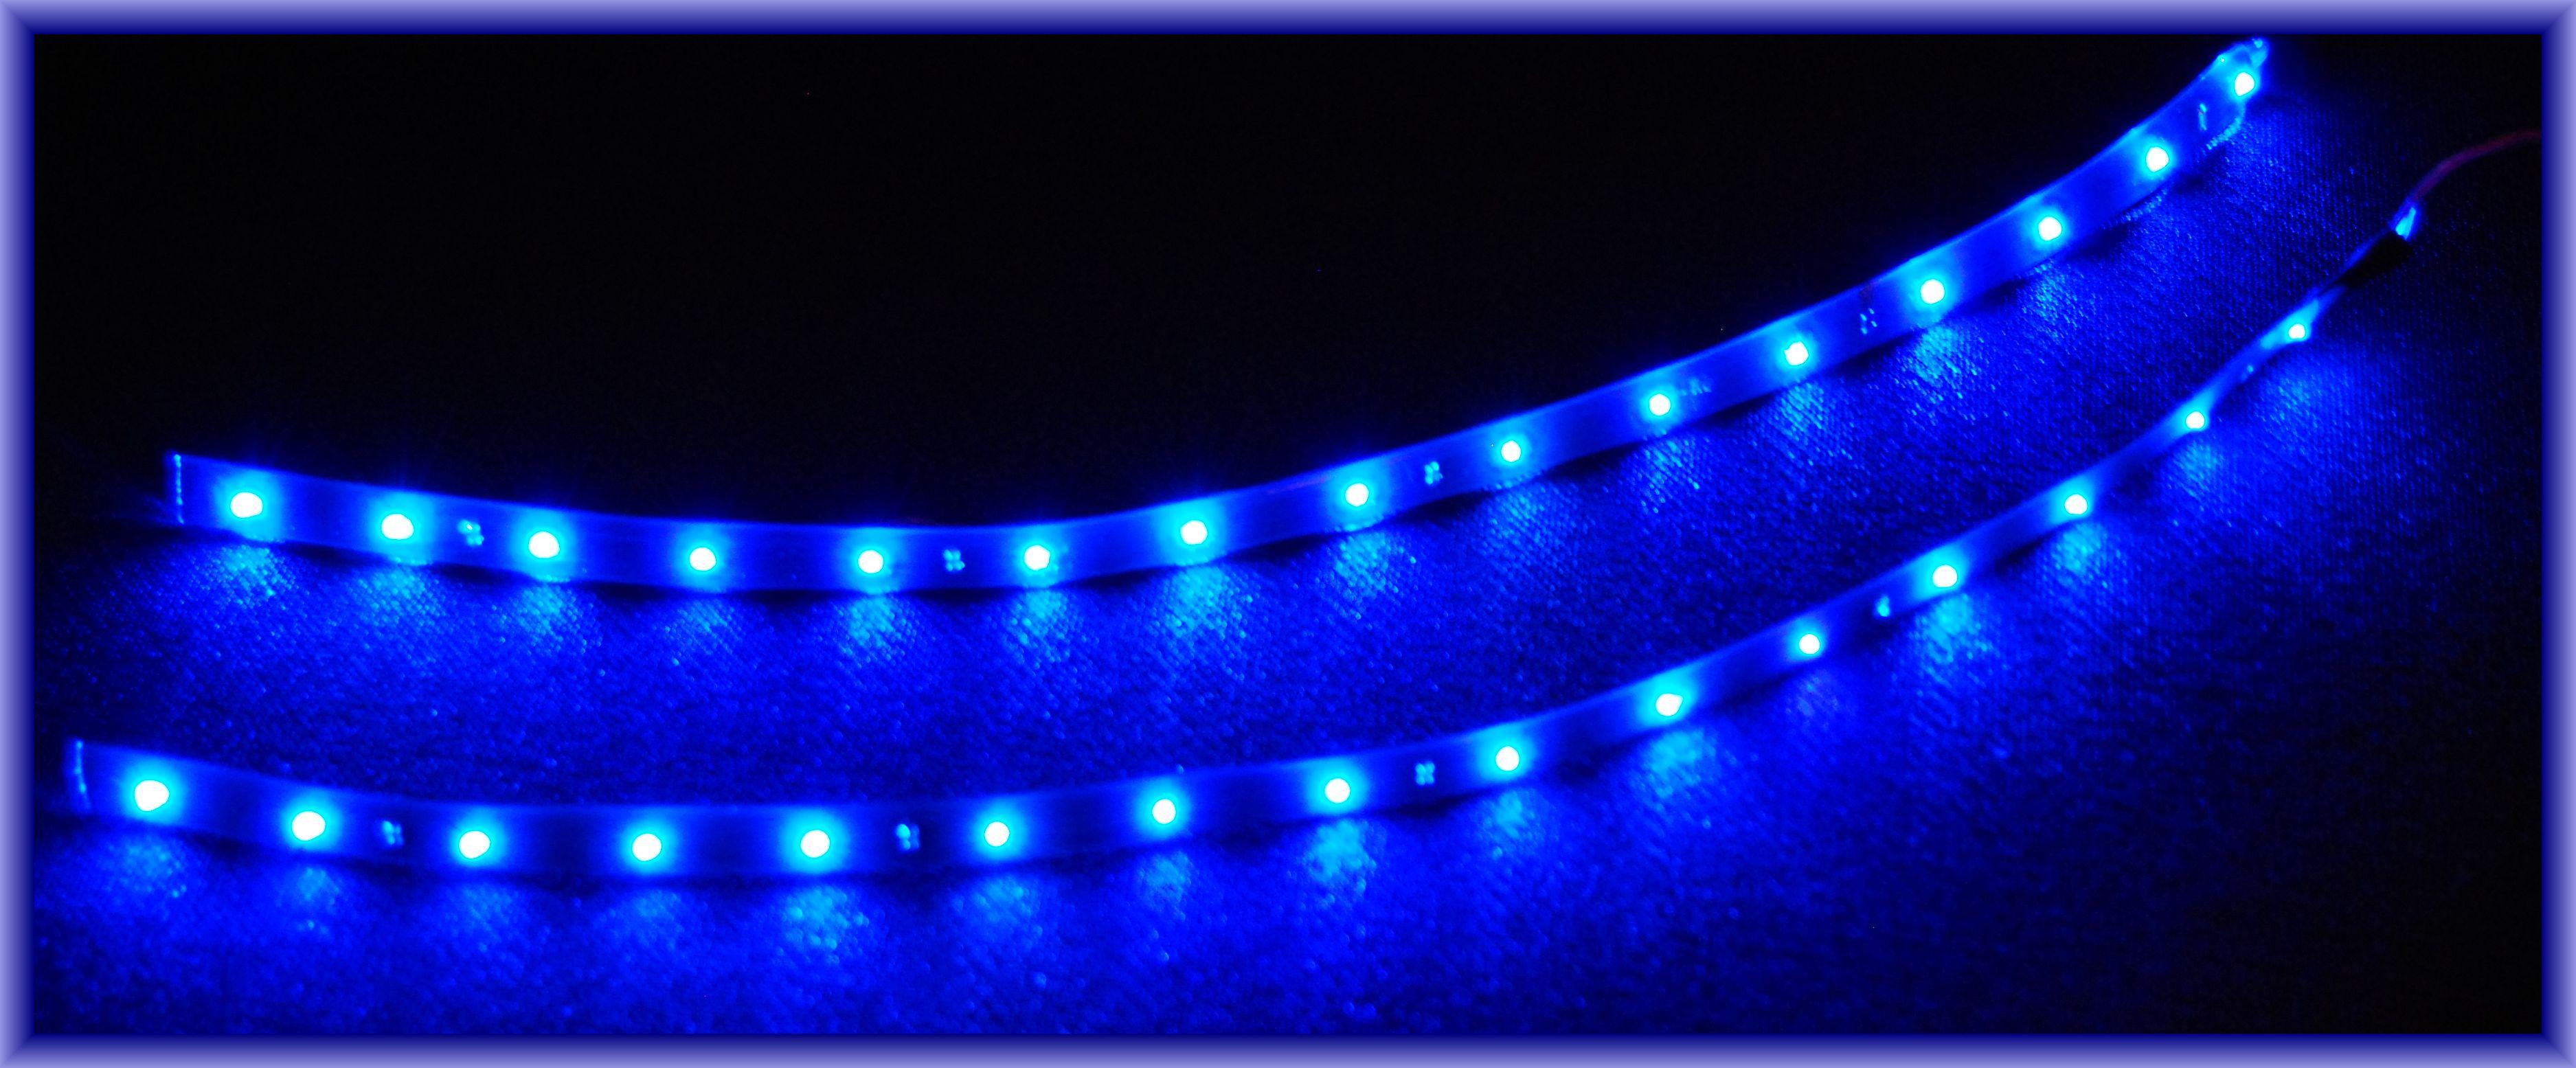 3 X 30cm Pc Beleuchtung Led Blau Pc Licht Incl Kabel